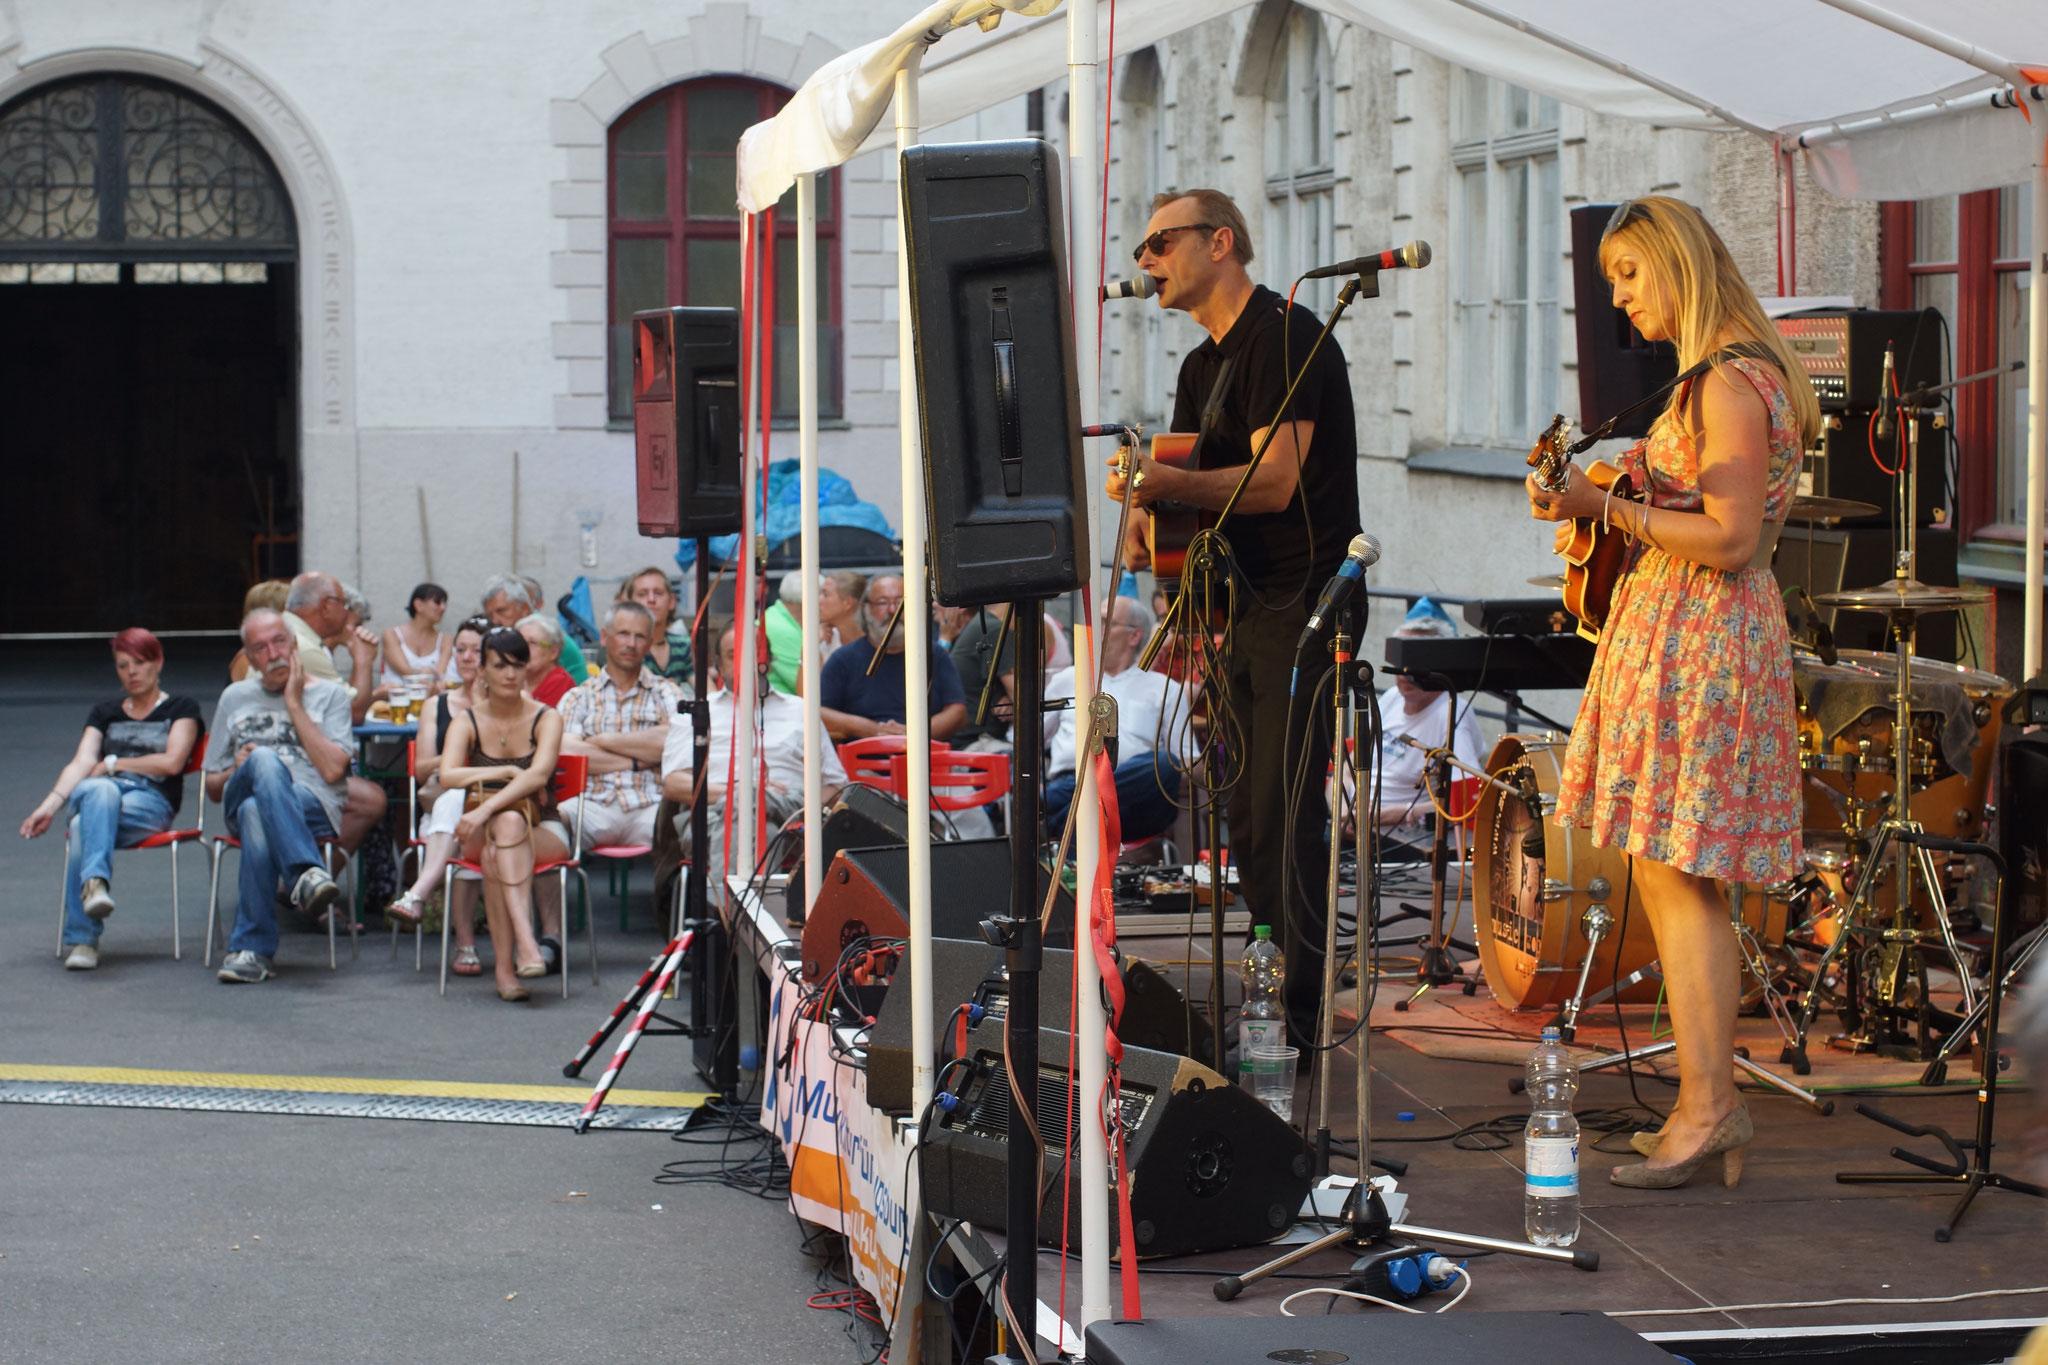 Konzerte im Bürgerhof 04.07.15 Cash Union - Freiwilligen-Zentrum Augsburg - Foto: Crayfish